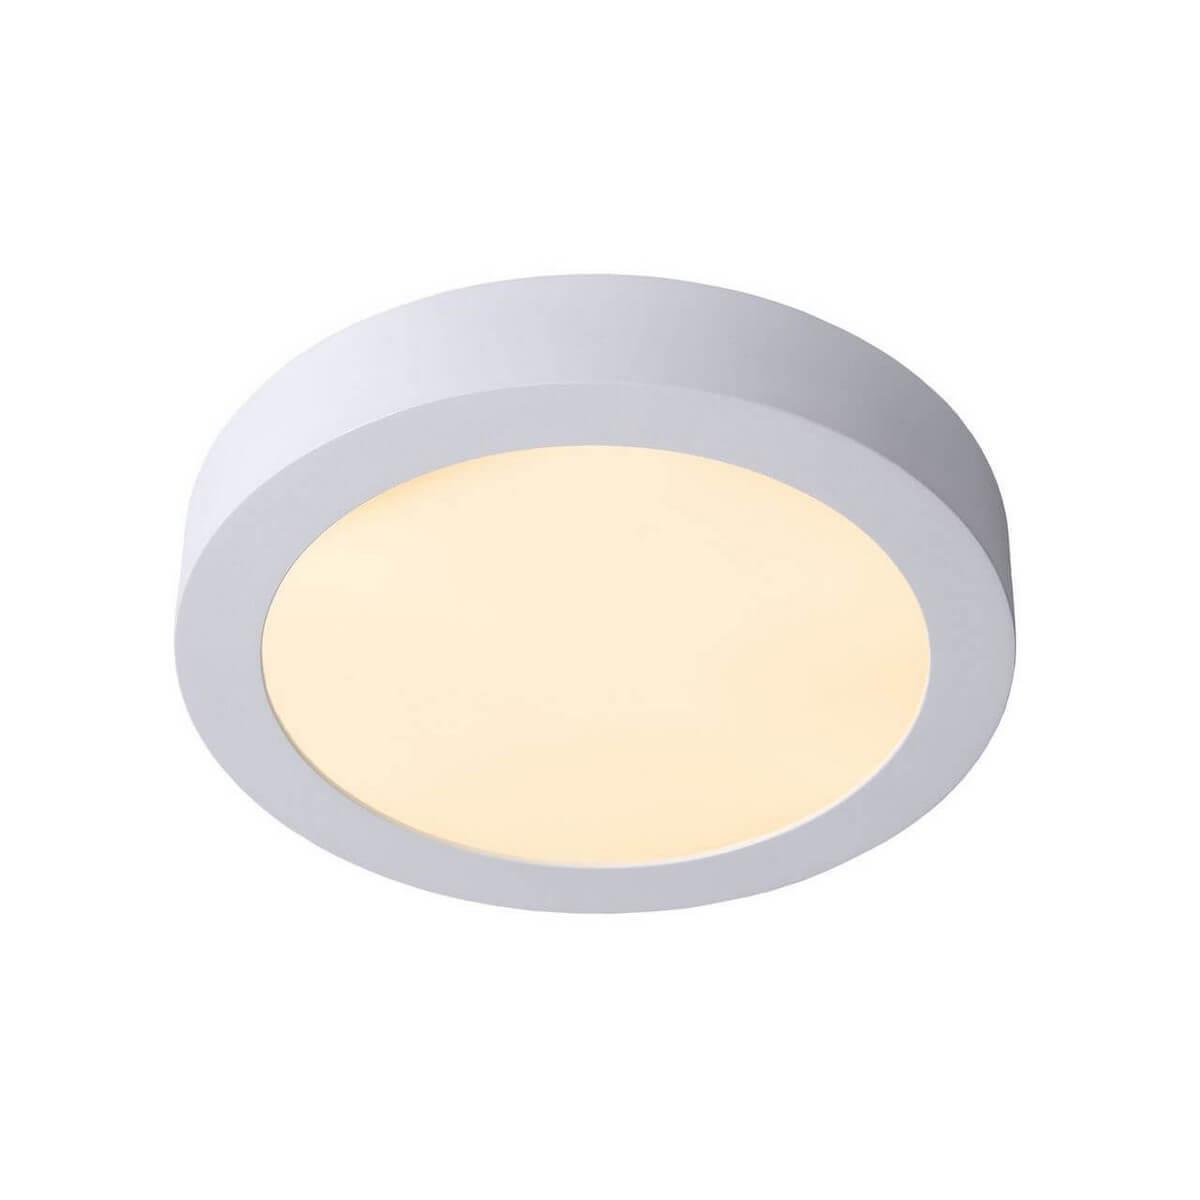 цена на Потолочный светодиодный светильник Lucide Brice-Led 28106/24/31